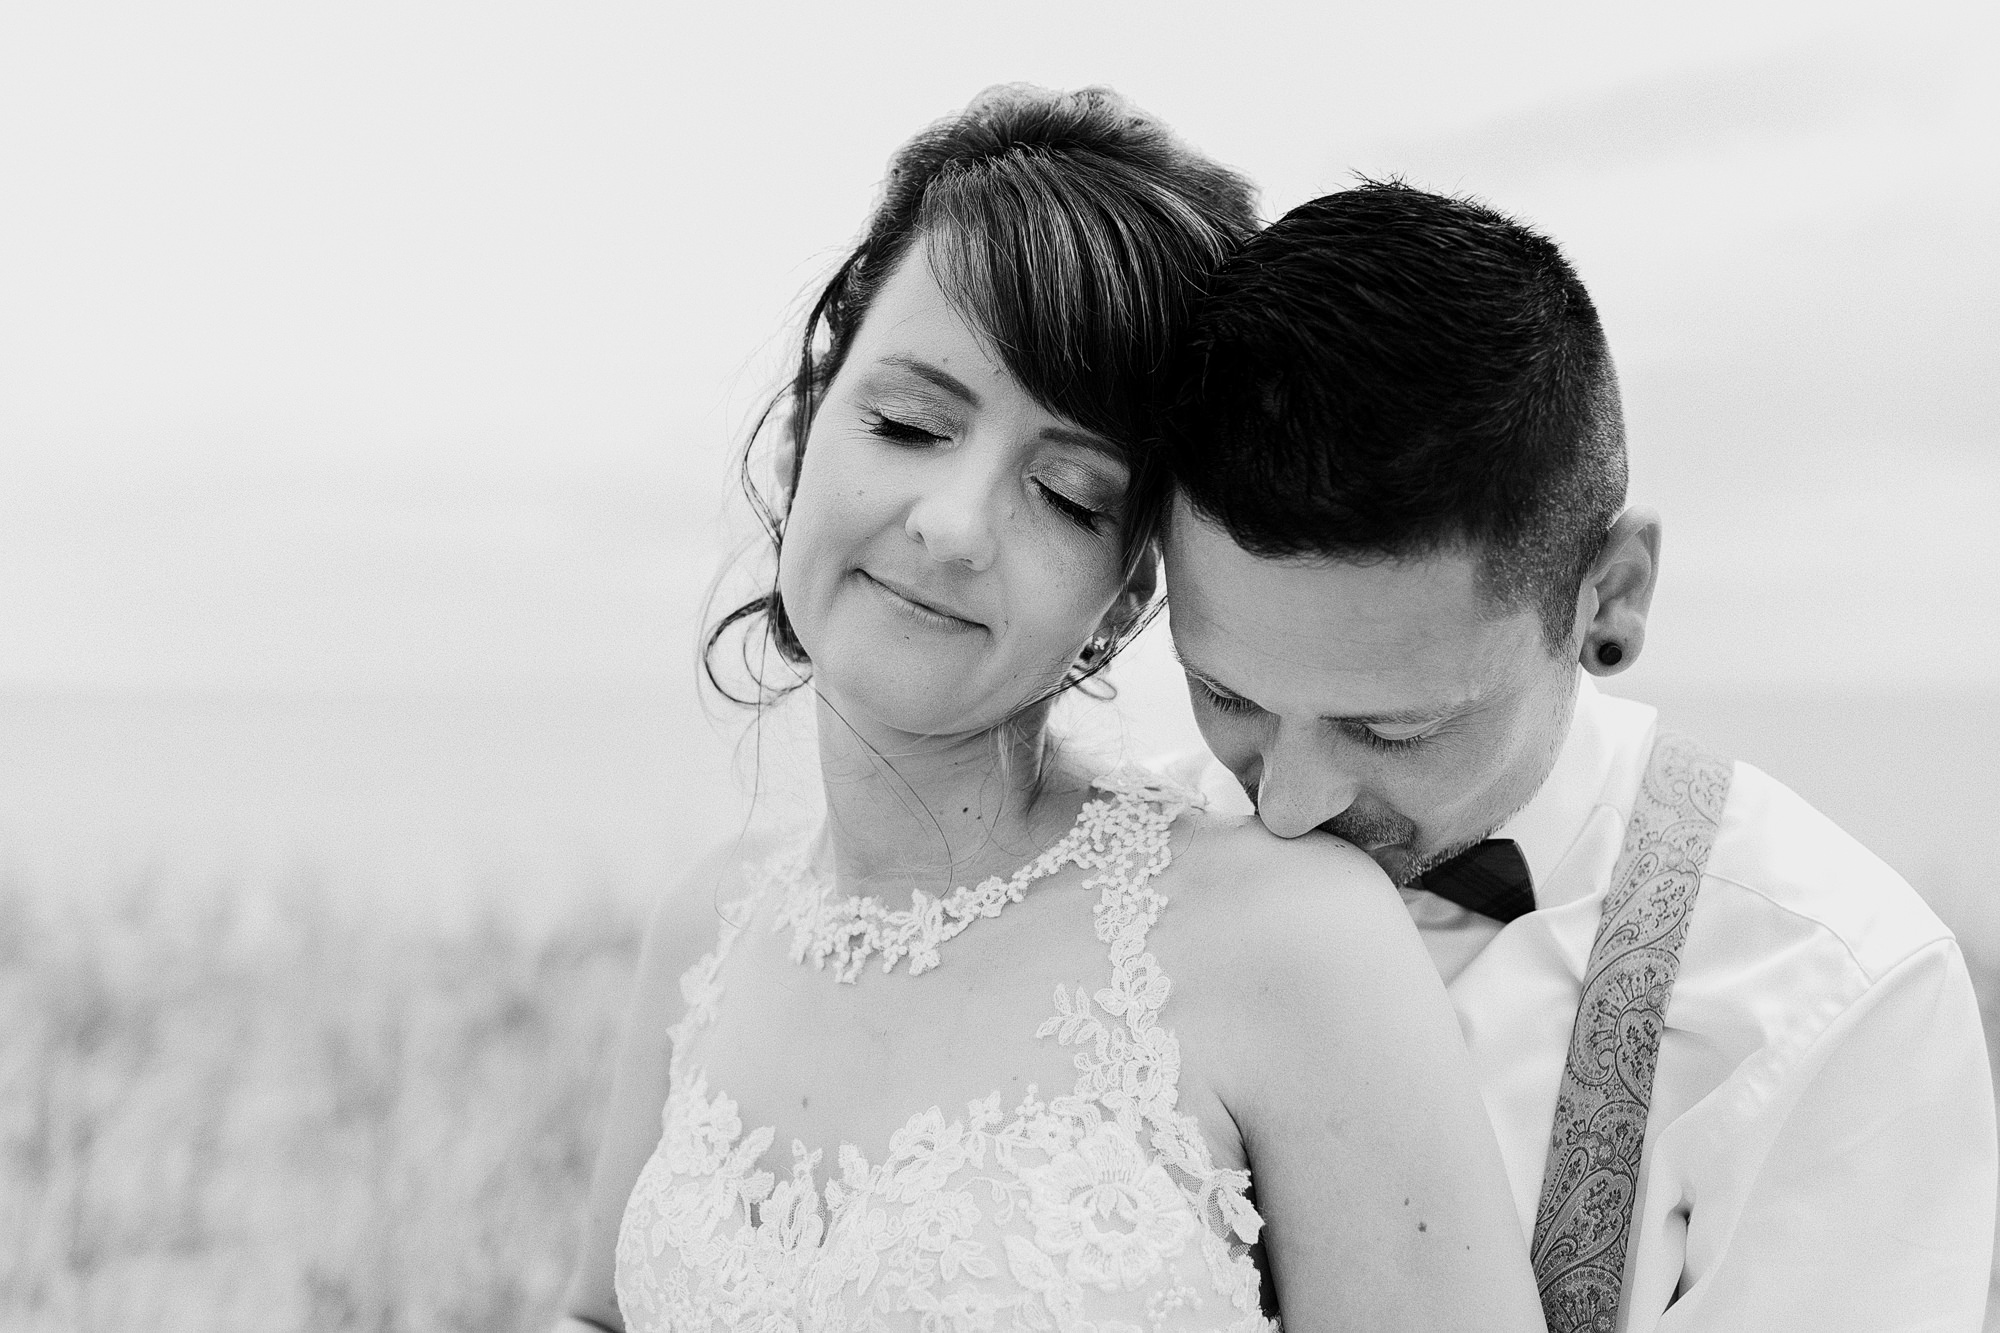 Ich begleite eure Trauung in Göhren auf Rügen - mobile Hochzeitsfotografie auf Rügen - Strandhochzeit Binz, Baabe, Göhren